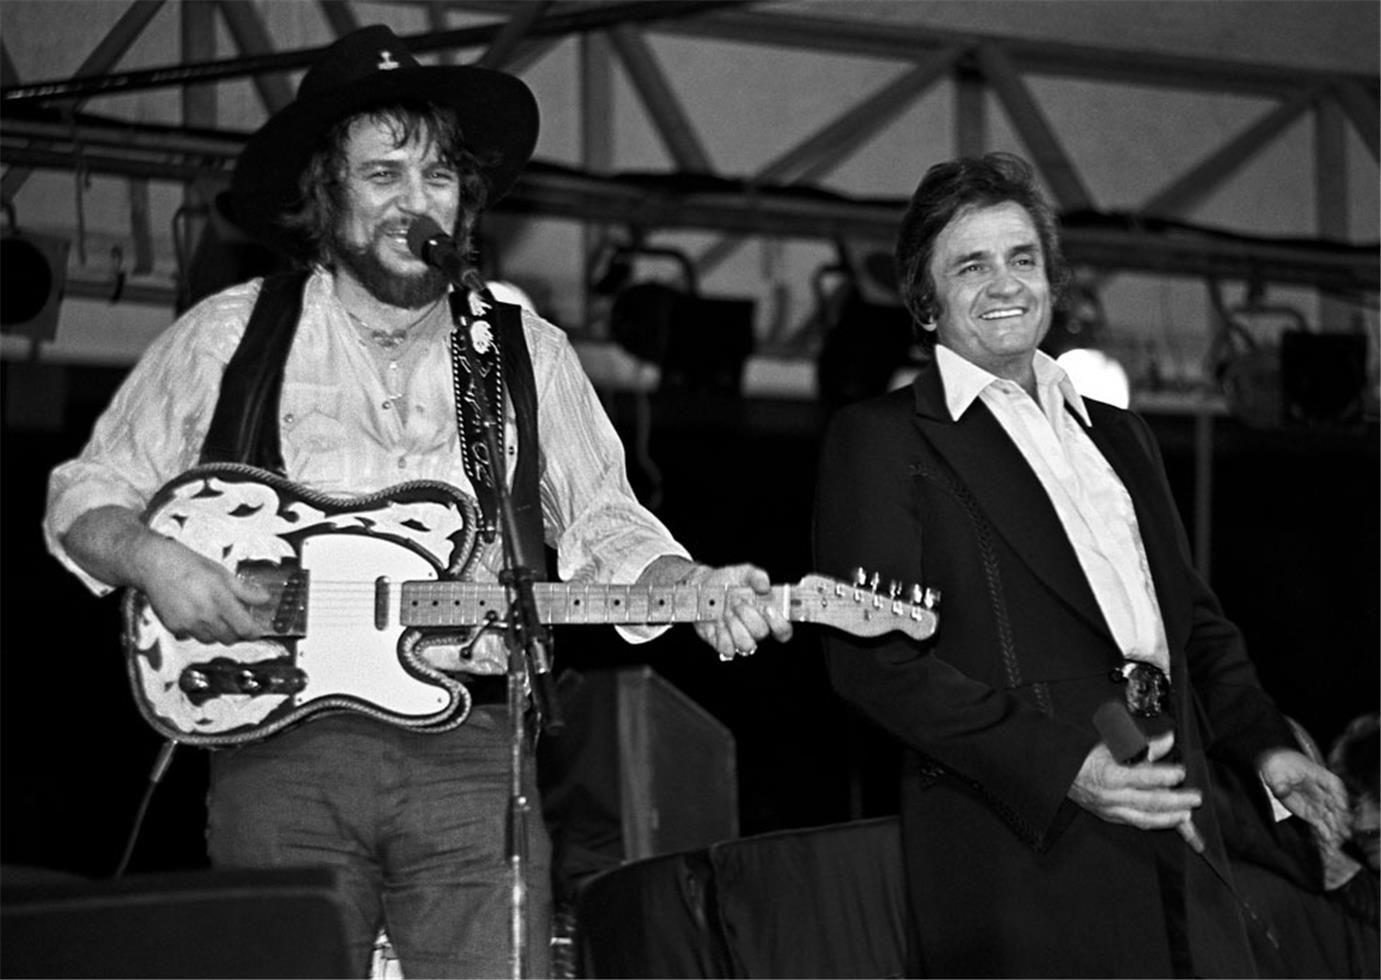 Waylon Jennings & Johnny Cash 1980 Waylon jennings